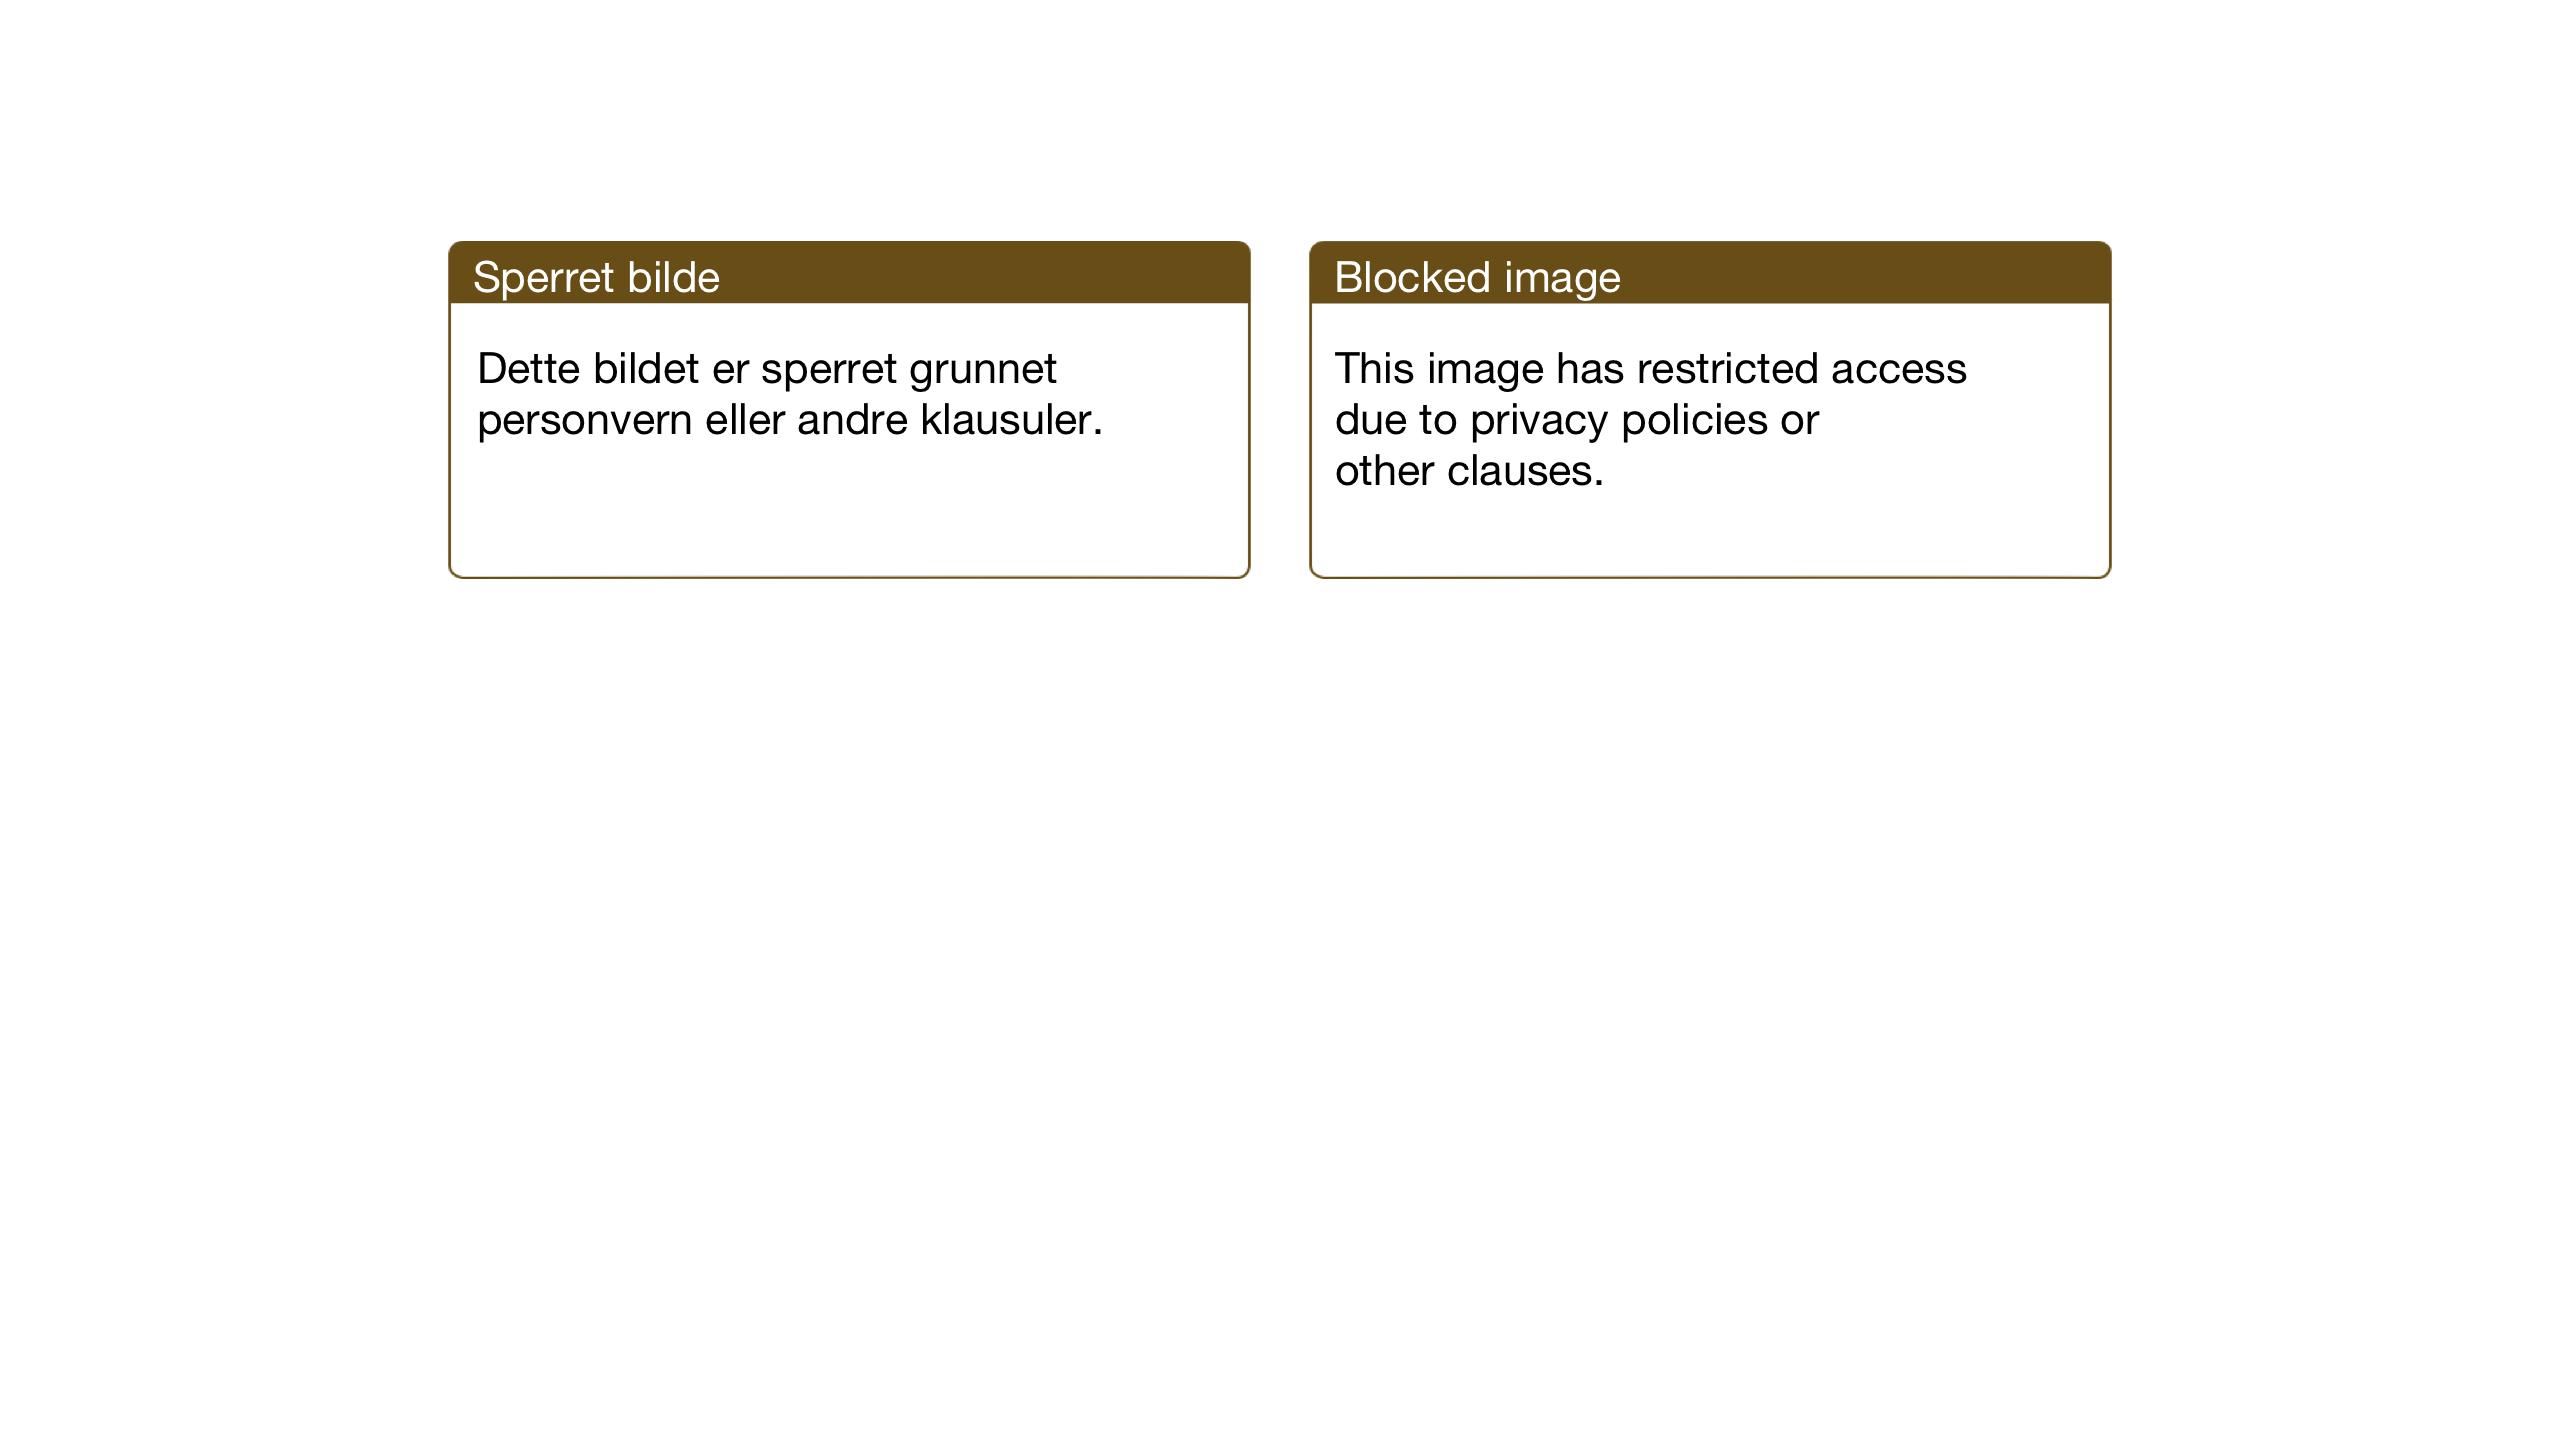 SAT, Ministerialprotokoller, klokkerbøker og fødselsregistre - Sør-Trøndelag, 665/L0778: Klokkerbok nr. 665C03, 1916-1938, s. 44